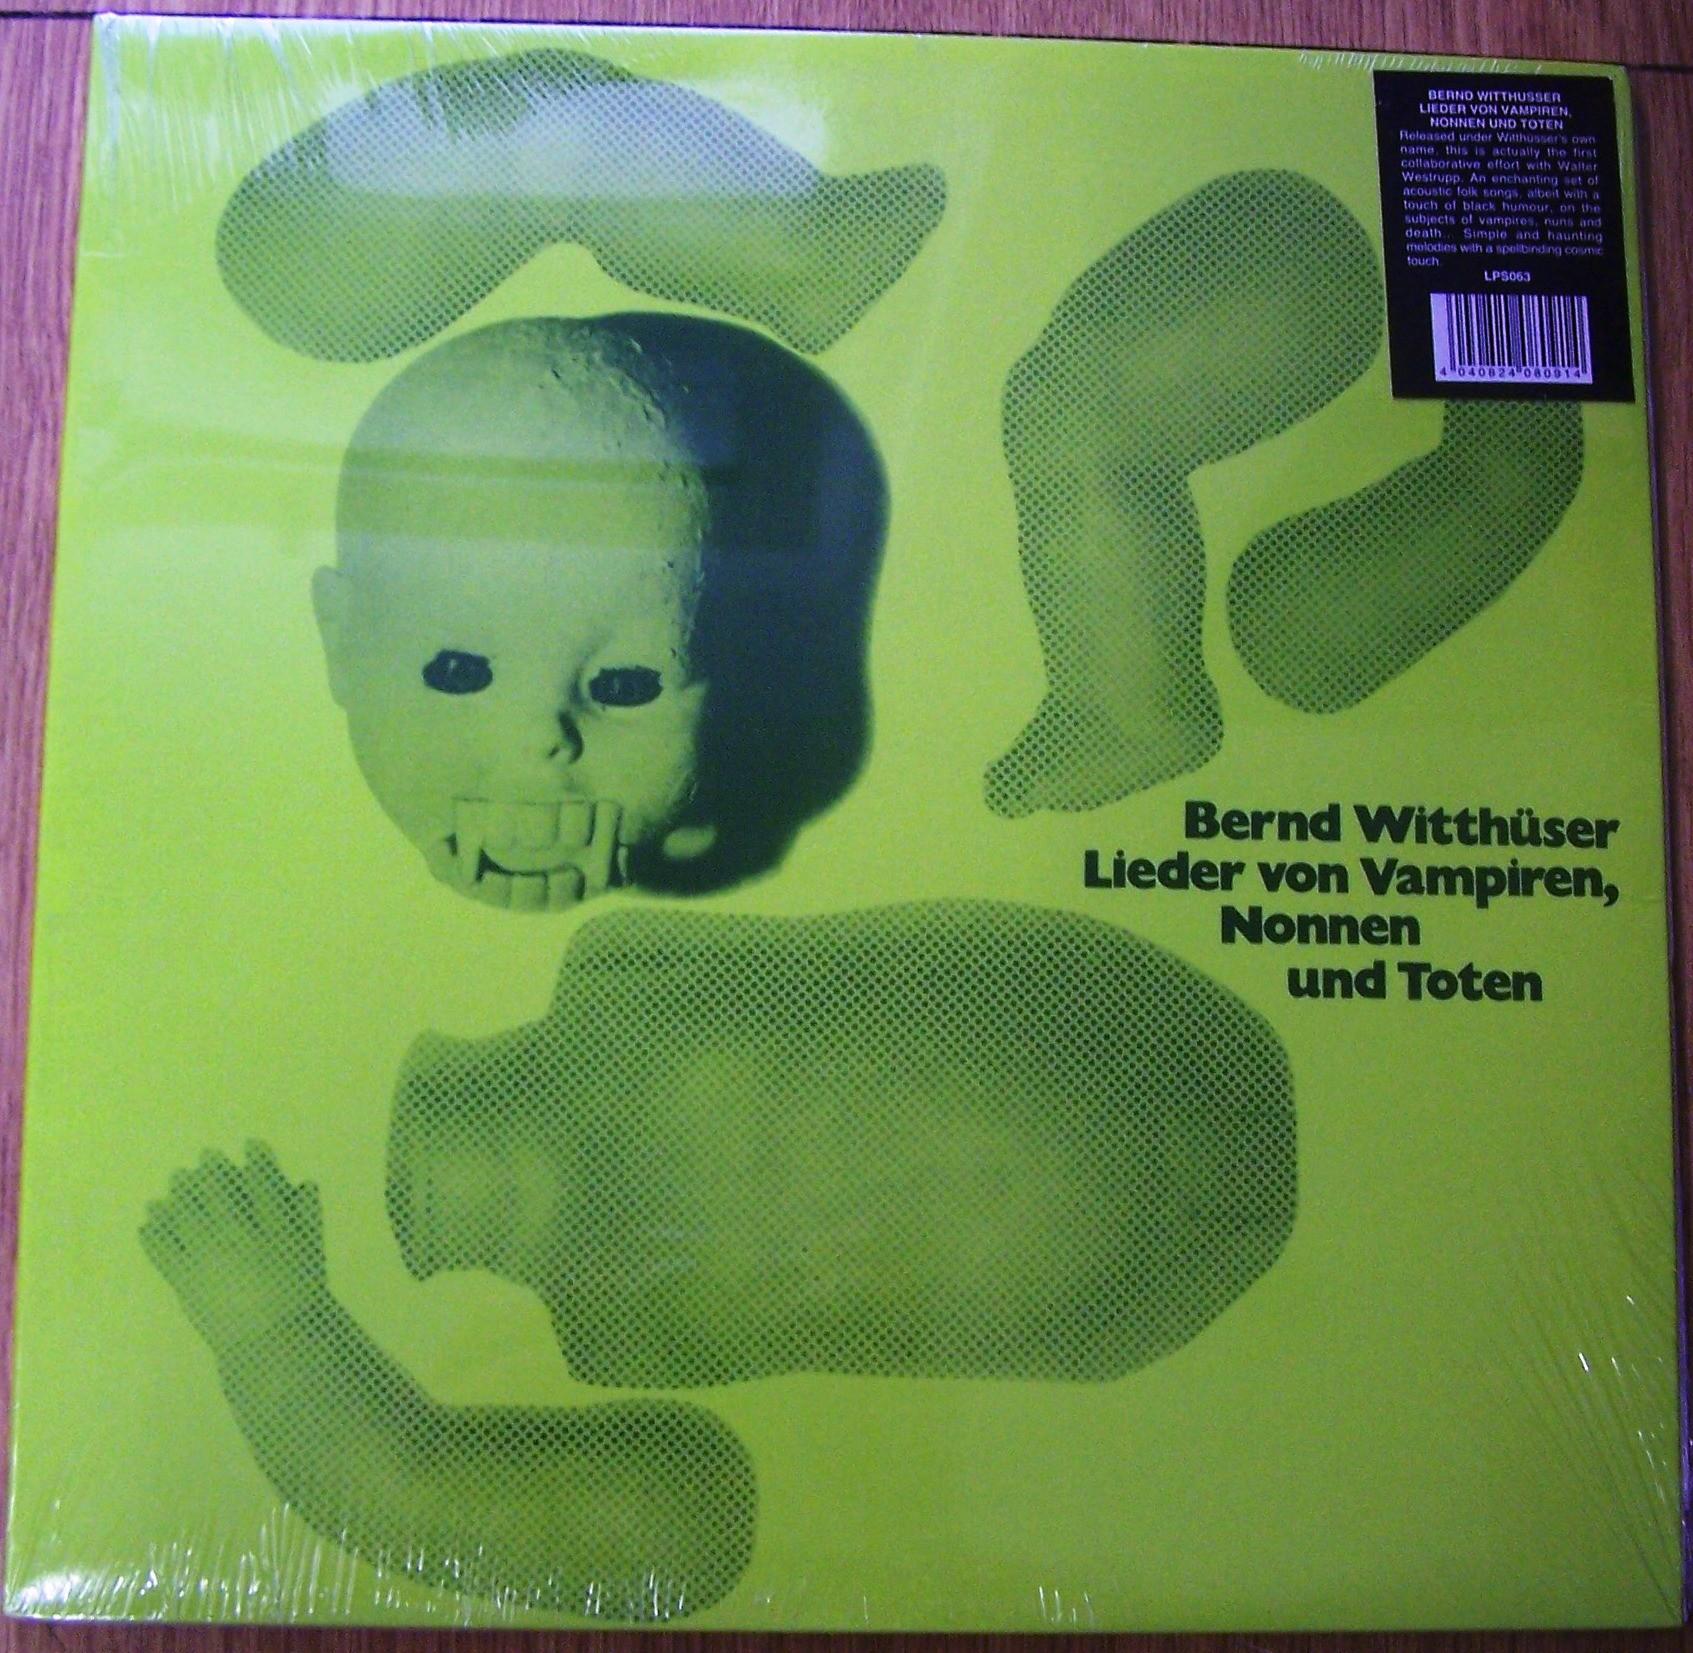 Witthuser Bernd - Lieder Von Vampiren Nonnen Und Toten